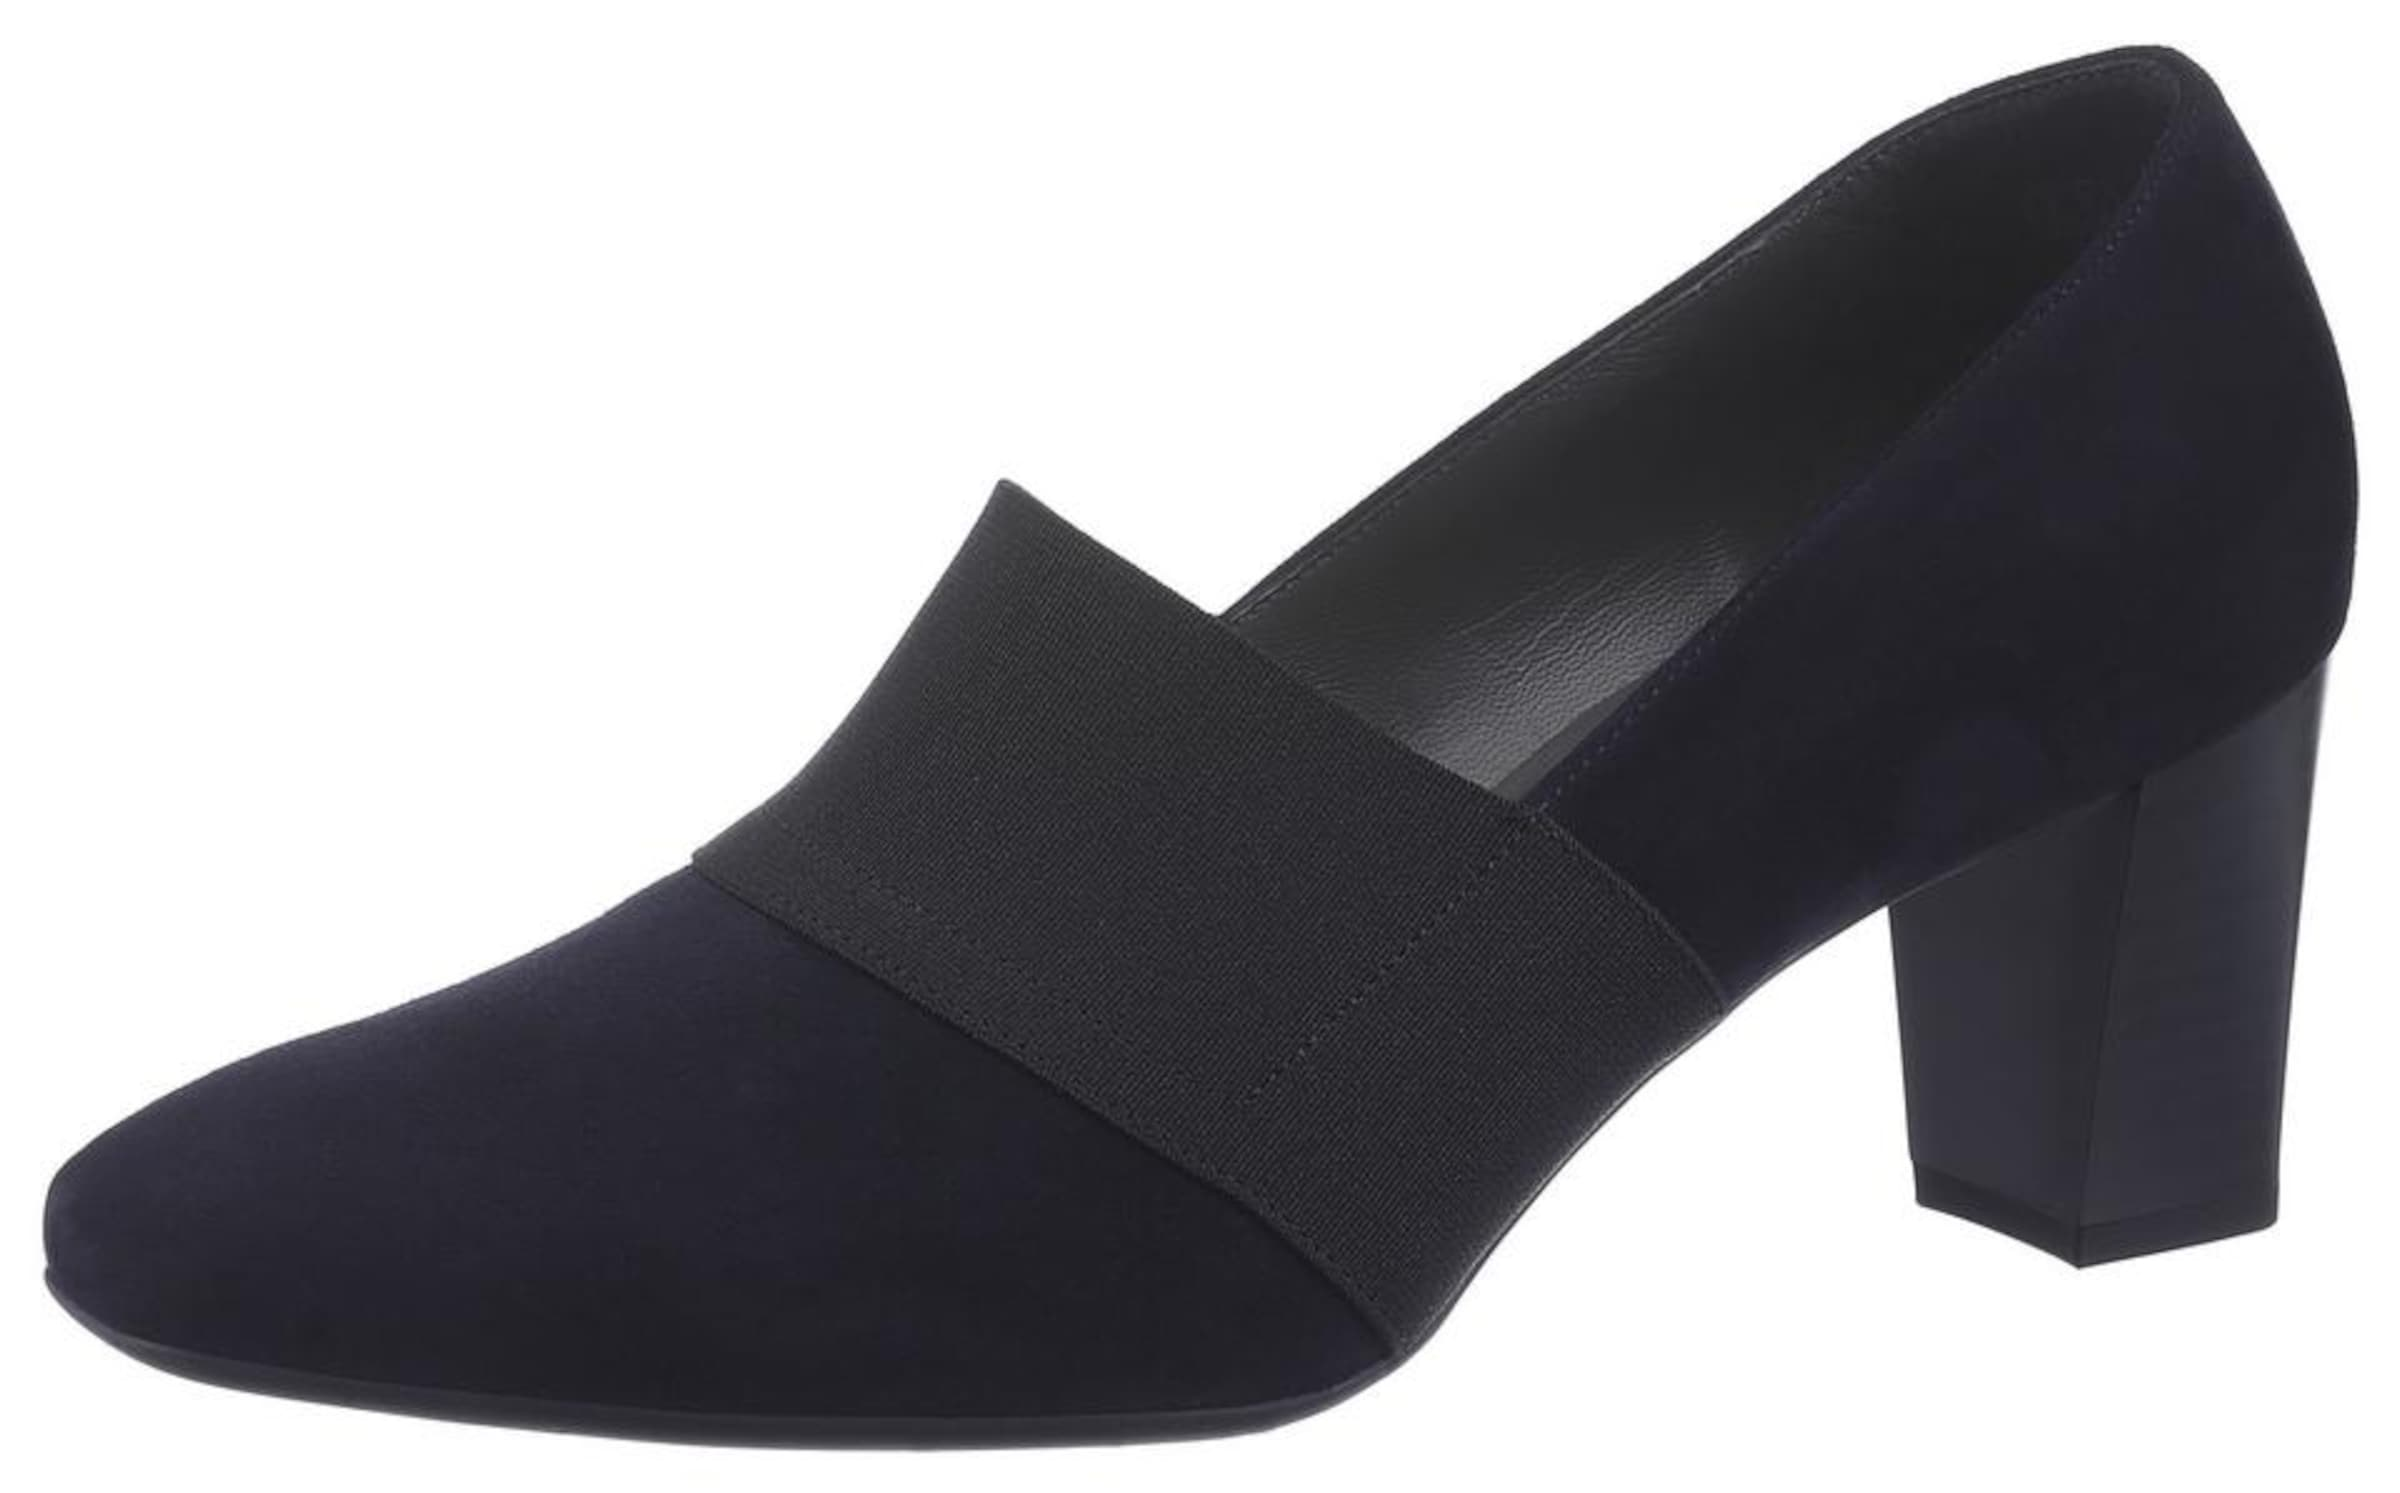 Haltbare Mode billige Schuhe PETER KAISER | Hochfrontpumps 'Dorna' Schuhe Gut getragene Schuhe